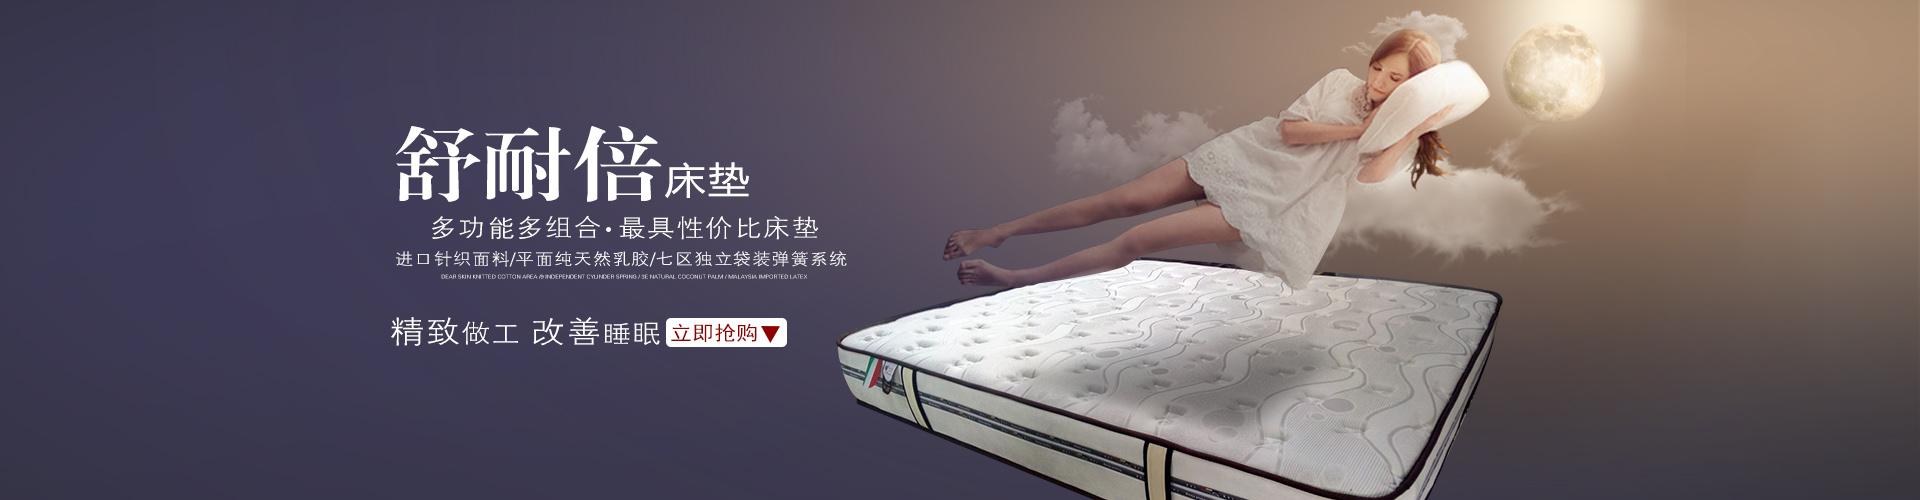 梧州竹炭纤维床垫,贺州椰棕床垫,桂林品牌床垫厂